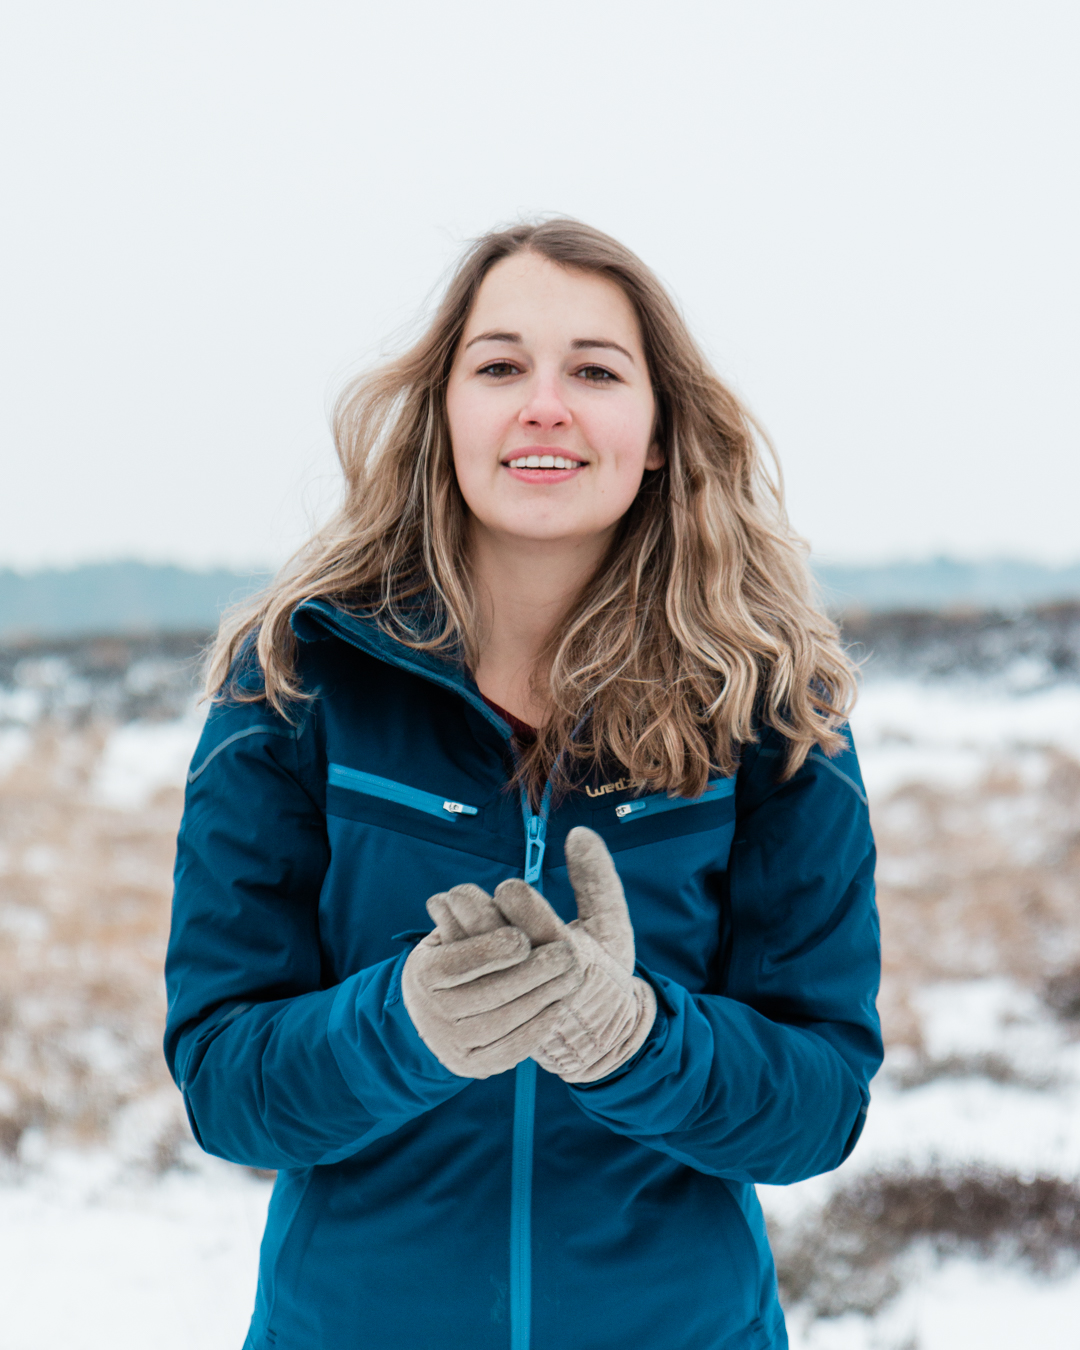 Daria in de sneeuw